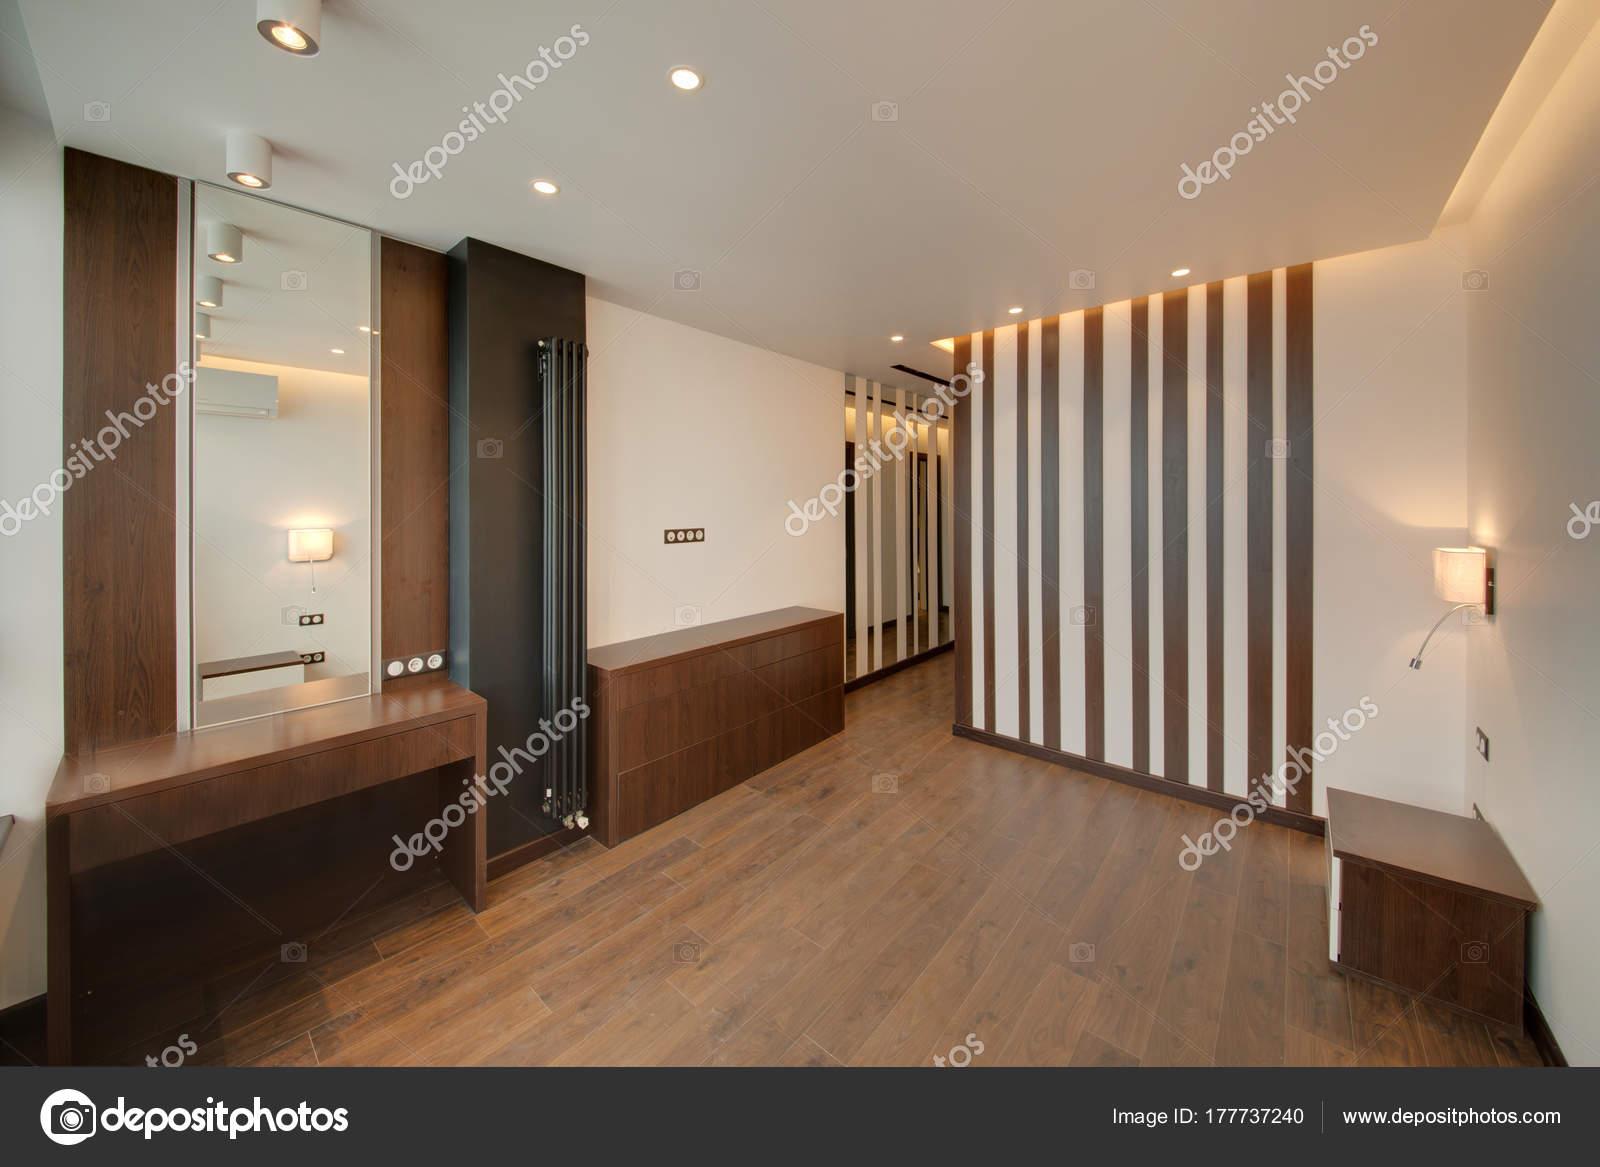 Slaapkamer Donkere Vloer : Slaapkamer bruine tinten met lichte muren een donkere vloer